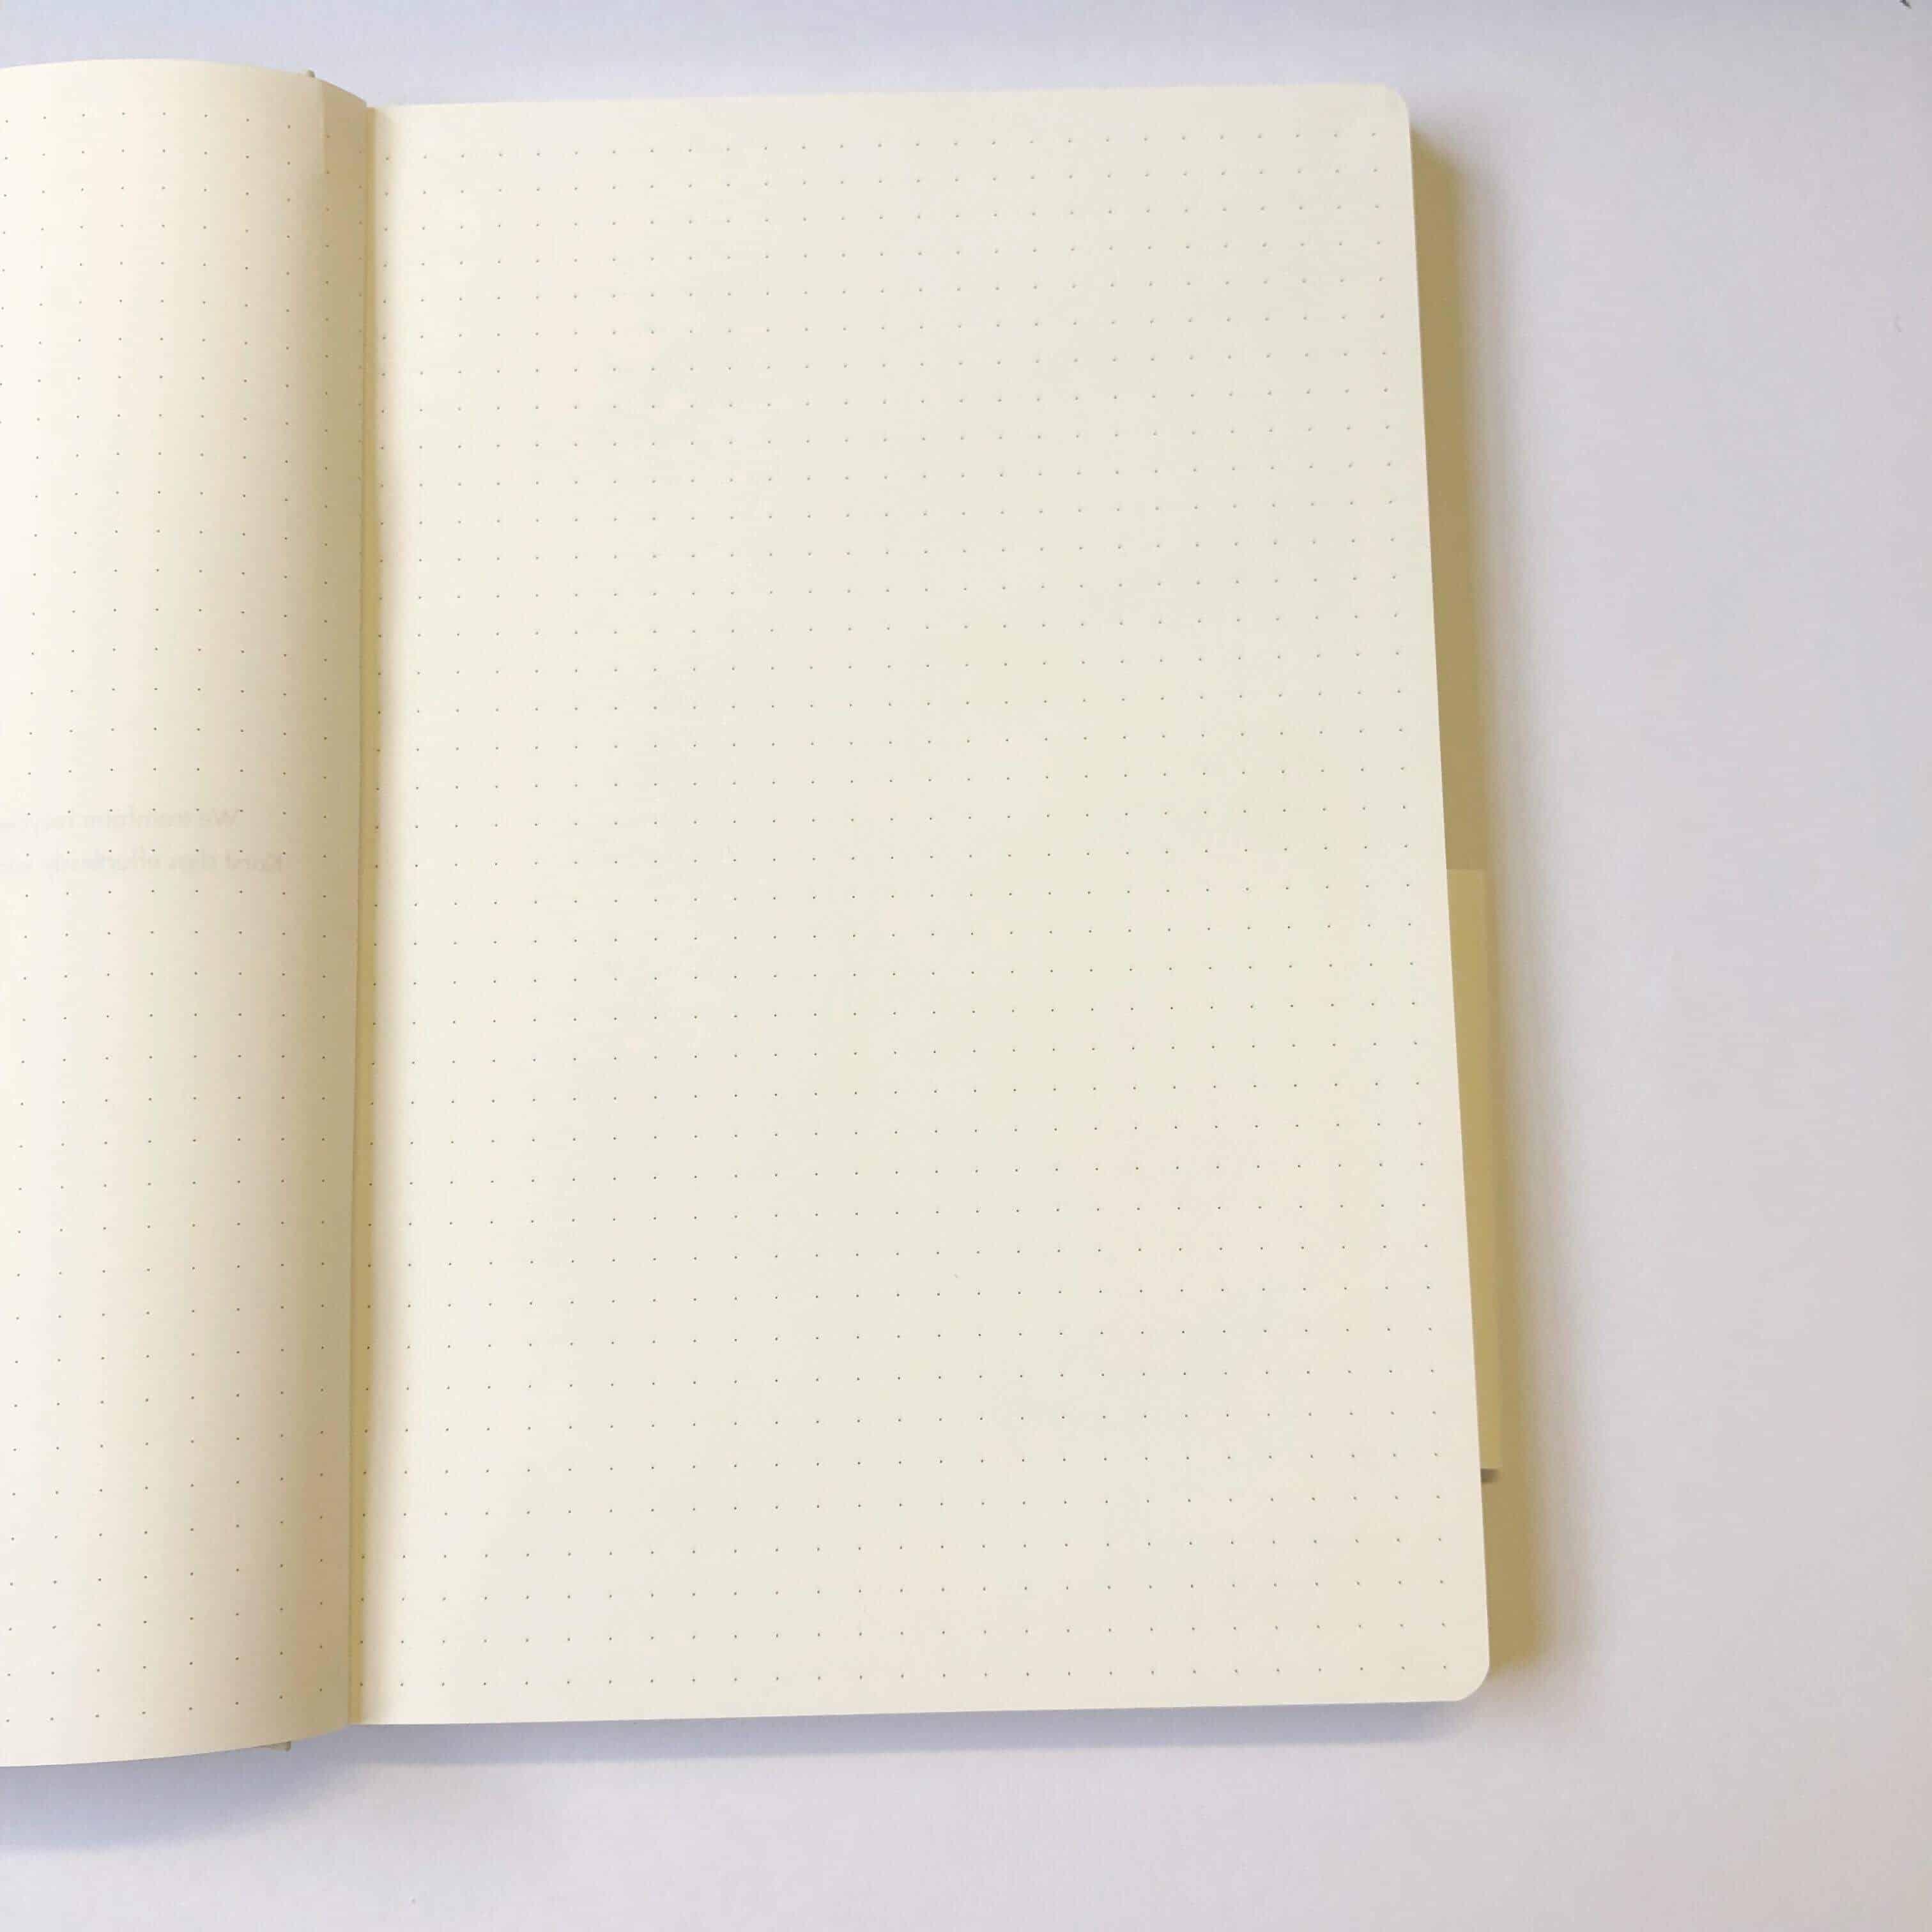 Karst Stone paper dot grid